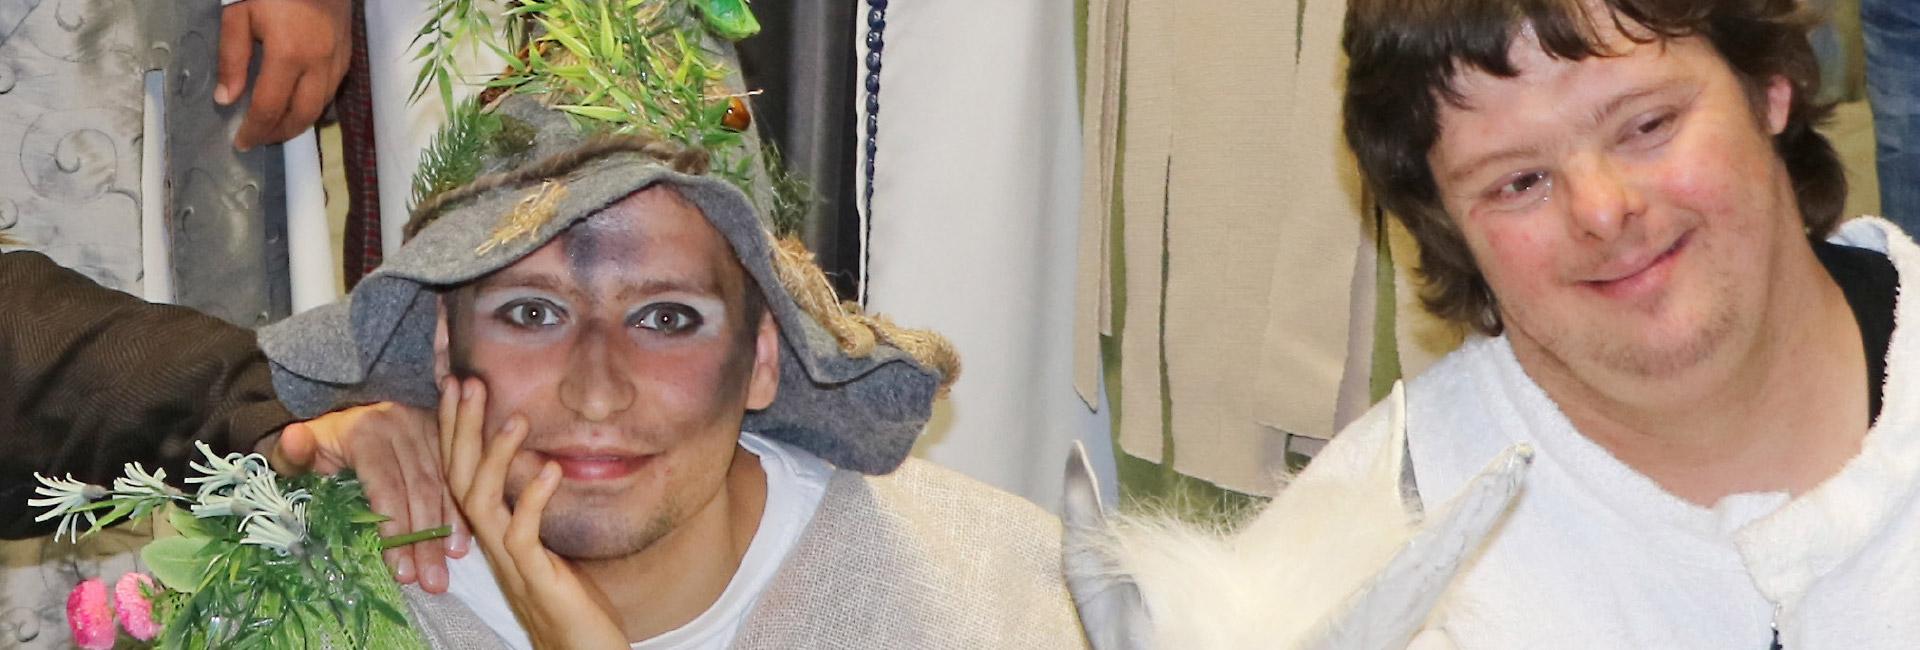 """Zwei Schauspieler:innen mit Behinderung sind geschminkt und verkleidet. Eine Schauspielerin ist als Waldgeist verkleidet. Der andere Schauspieler ist als Einhorn verkleidet und hat eine Behinderung. Sie führen das Musical """"Das tapfere Schneiderlein"""" auf."""